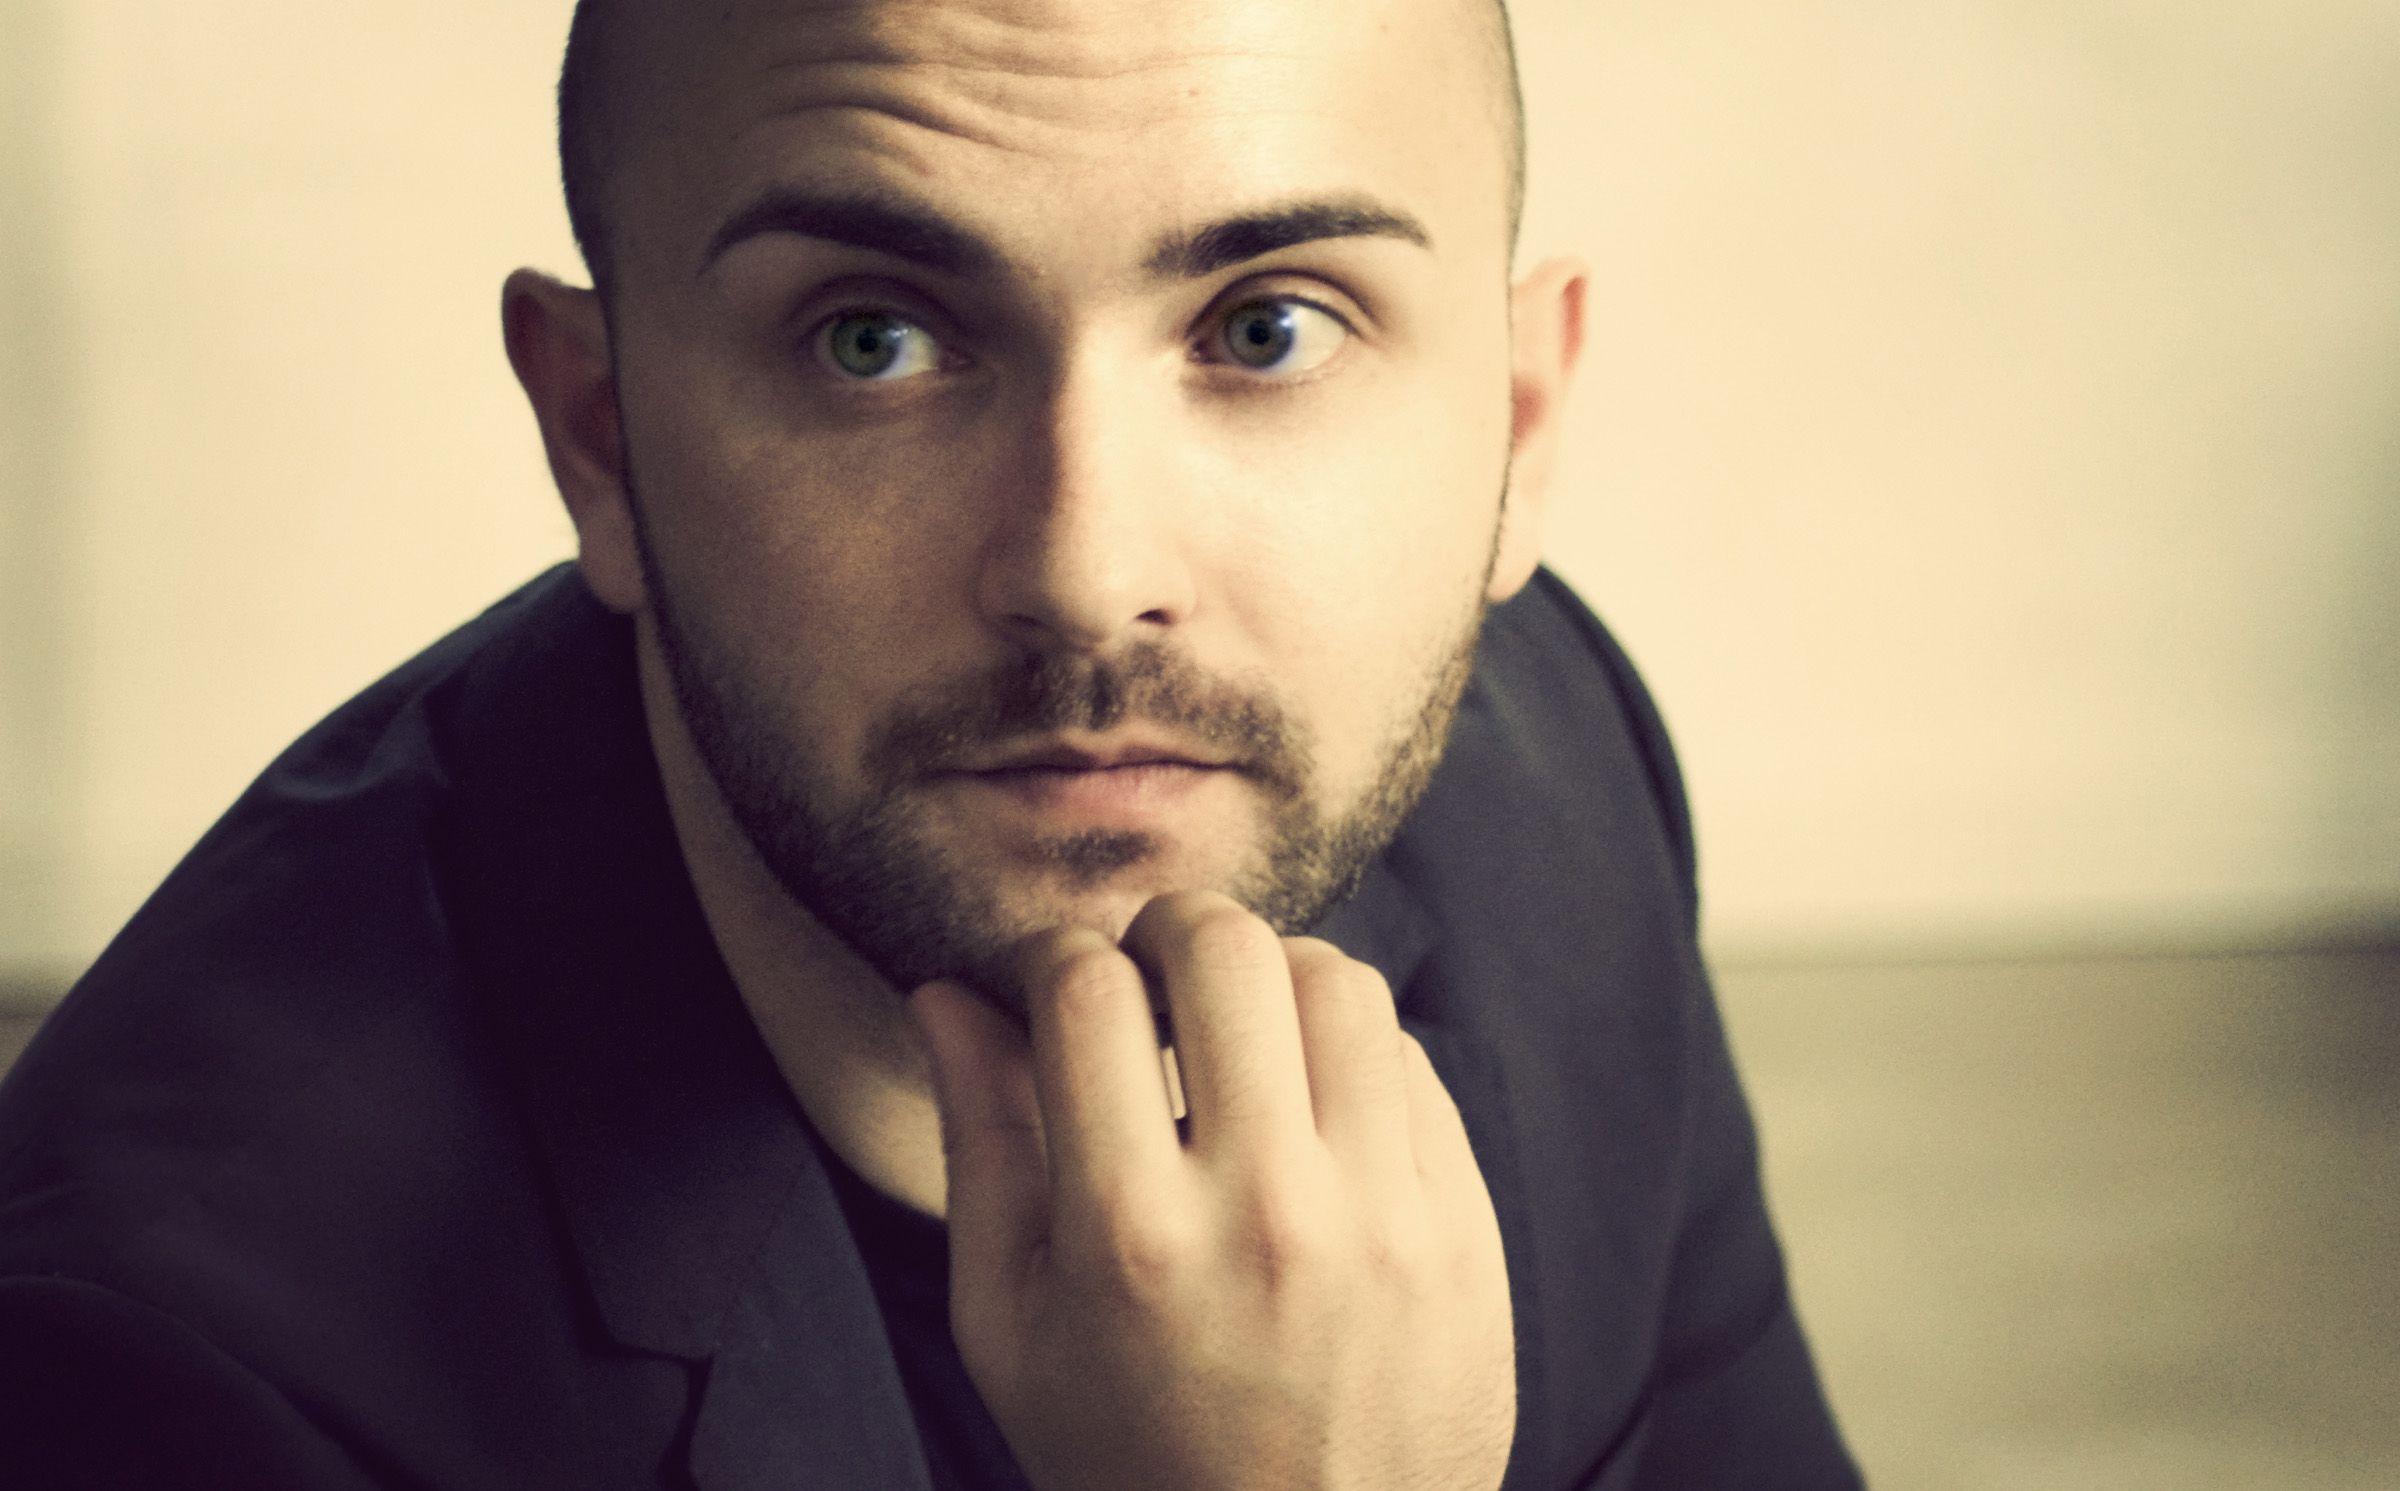 El director Miguel Ángel Font, formado en Comunicación Audiovisual en el CEU, autor del corto Xmile.